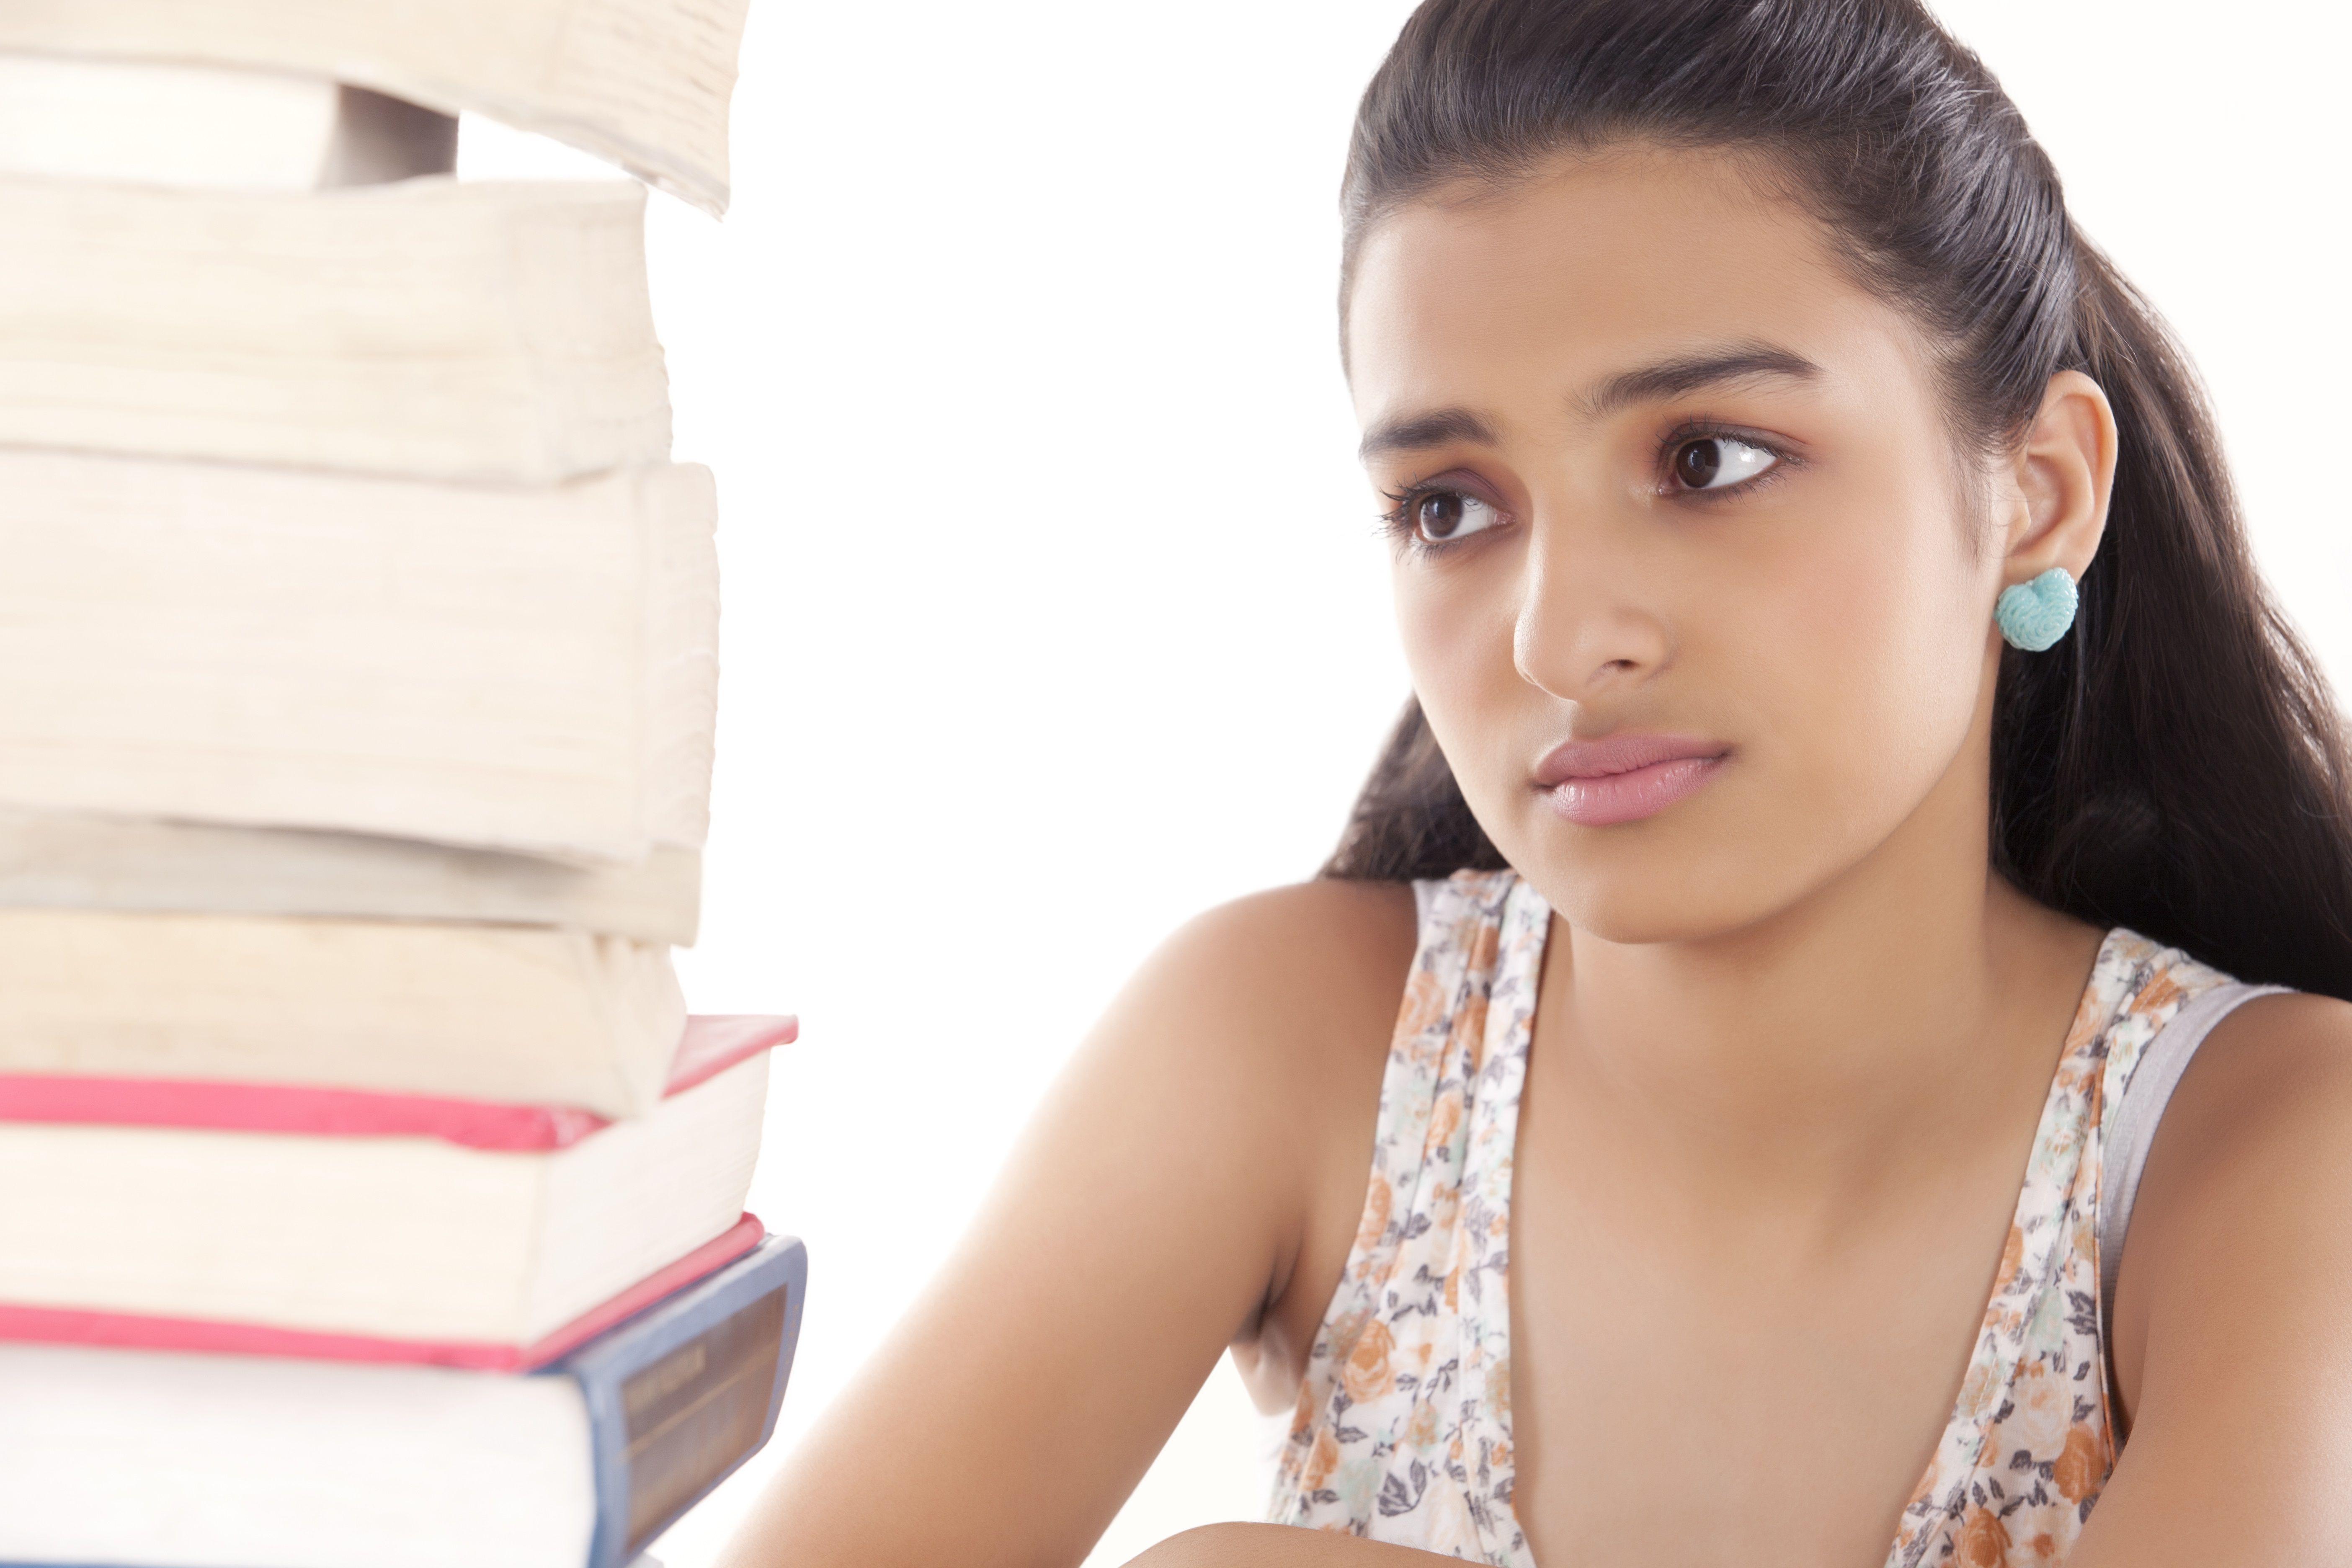 A Quick Pick List for Reluctant Reader Teens af3f2d589dba